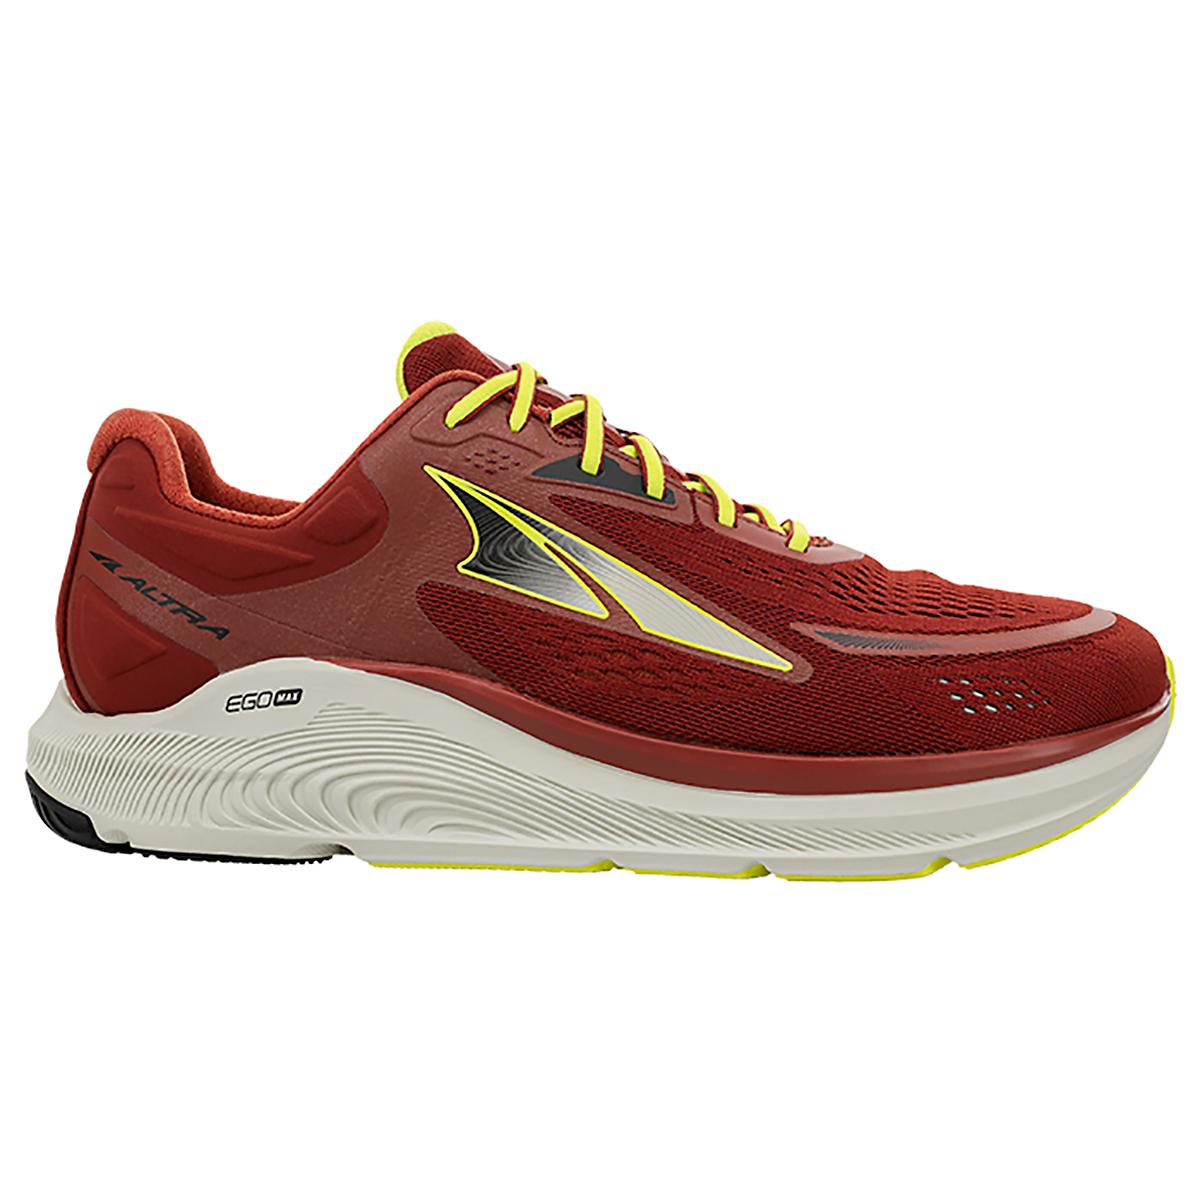 Men's Altra Paradigm 6 Running Shoe - Color: Burnt Orange - Size: 7 - Width: Regular, Burnt Orange, large, image 1